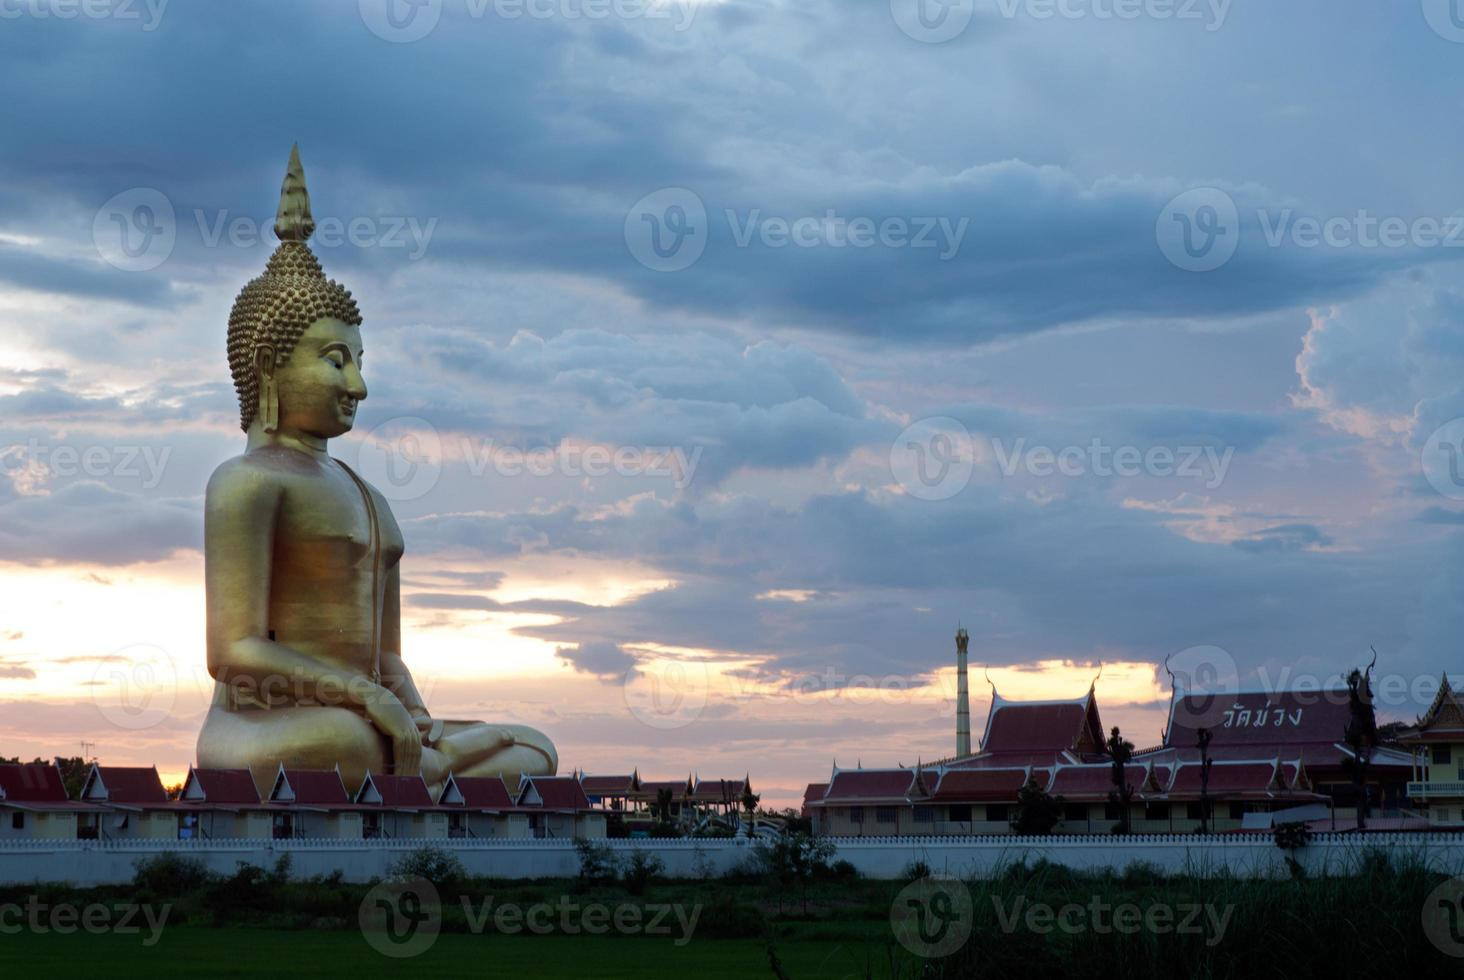 ao ar livre do famoso grande Buda sentado no templo tailandês. foto